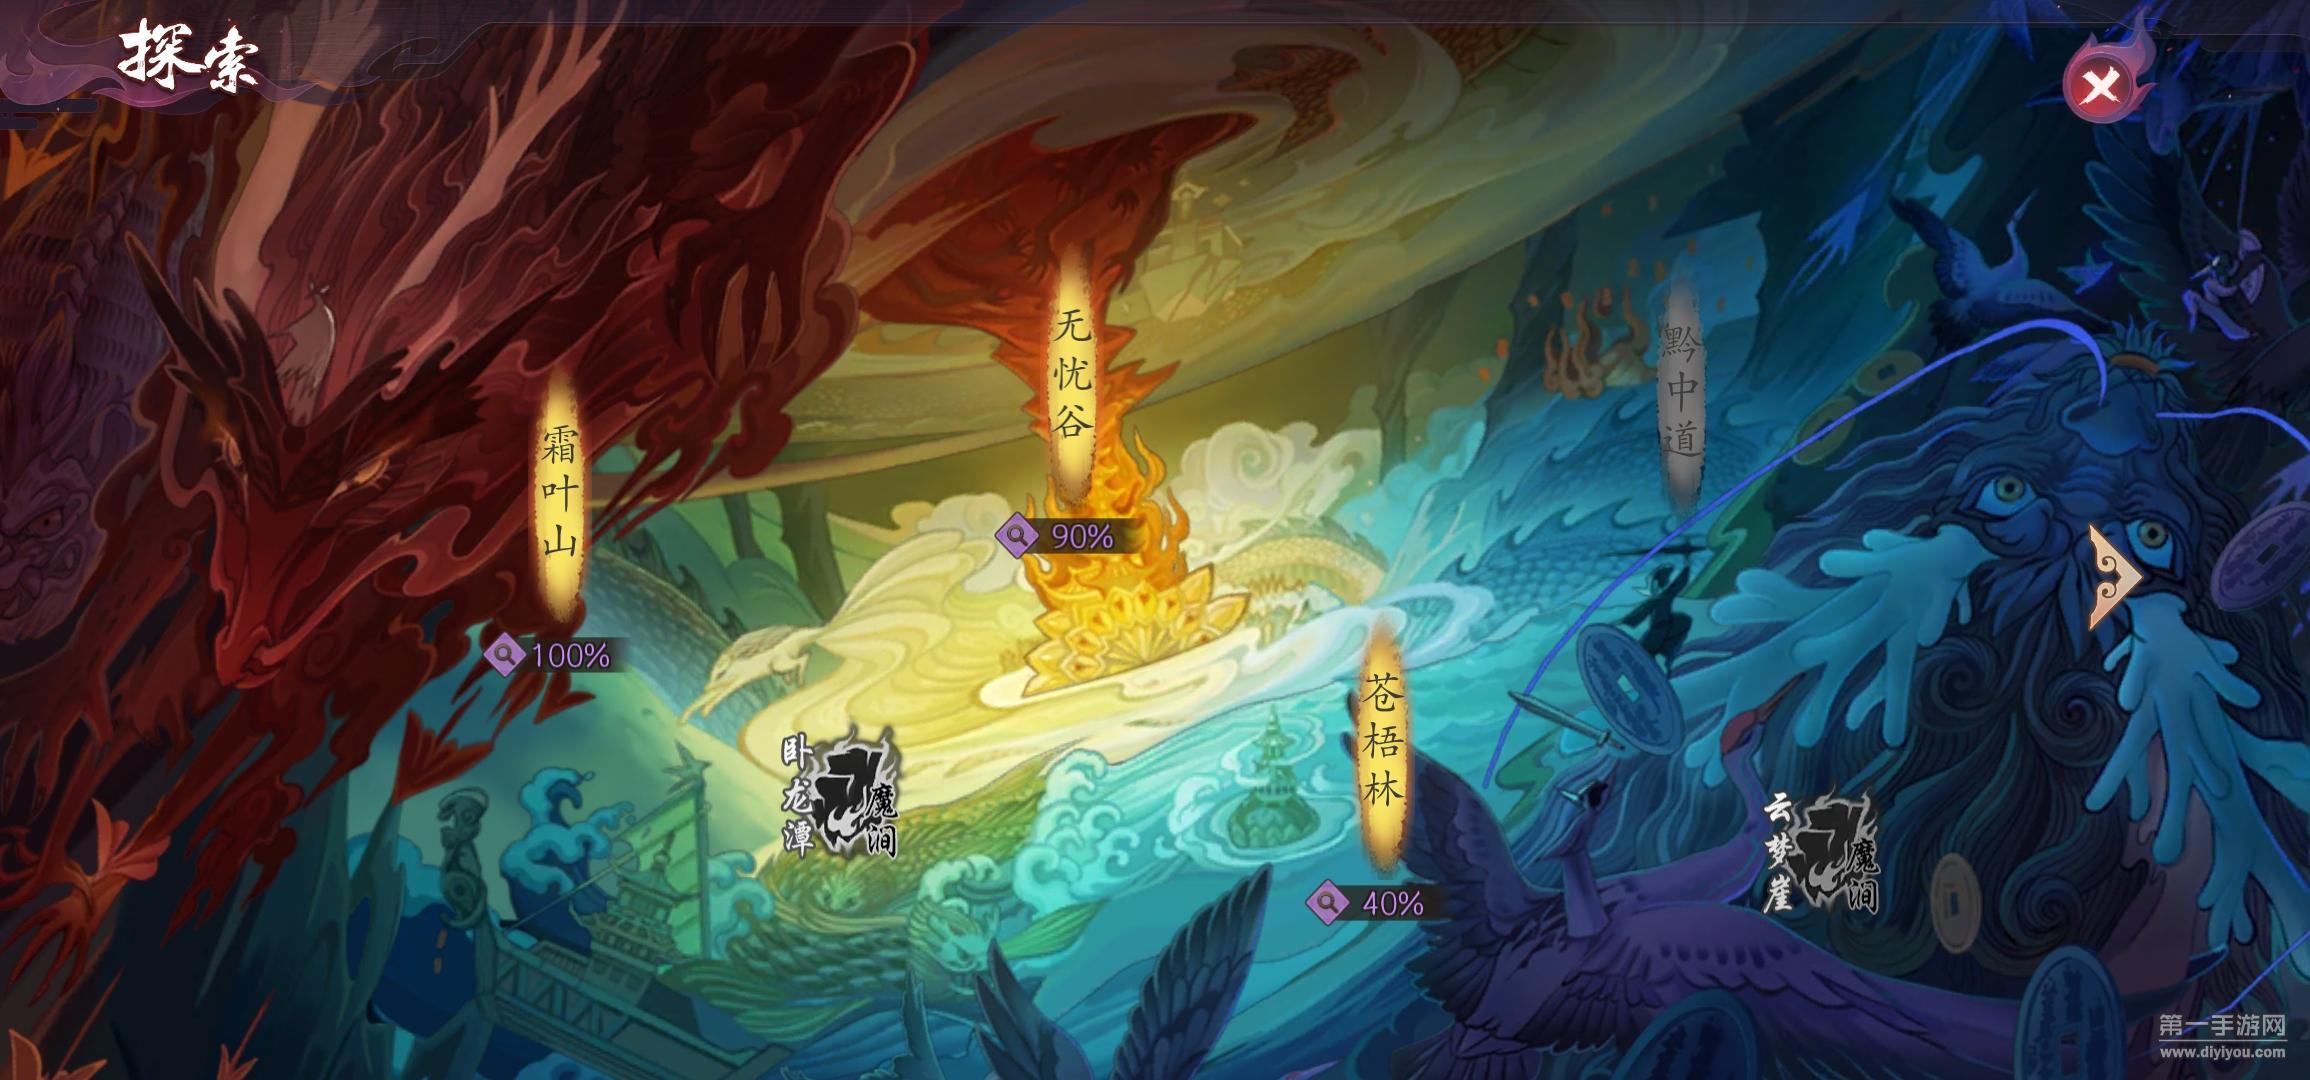 《长安幻世绘》试玩:一起探索这幻世后的奇闻秘传